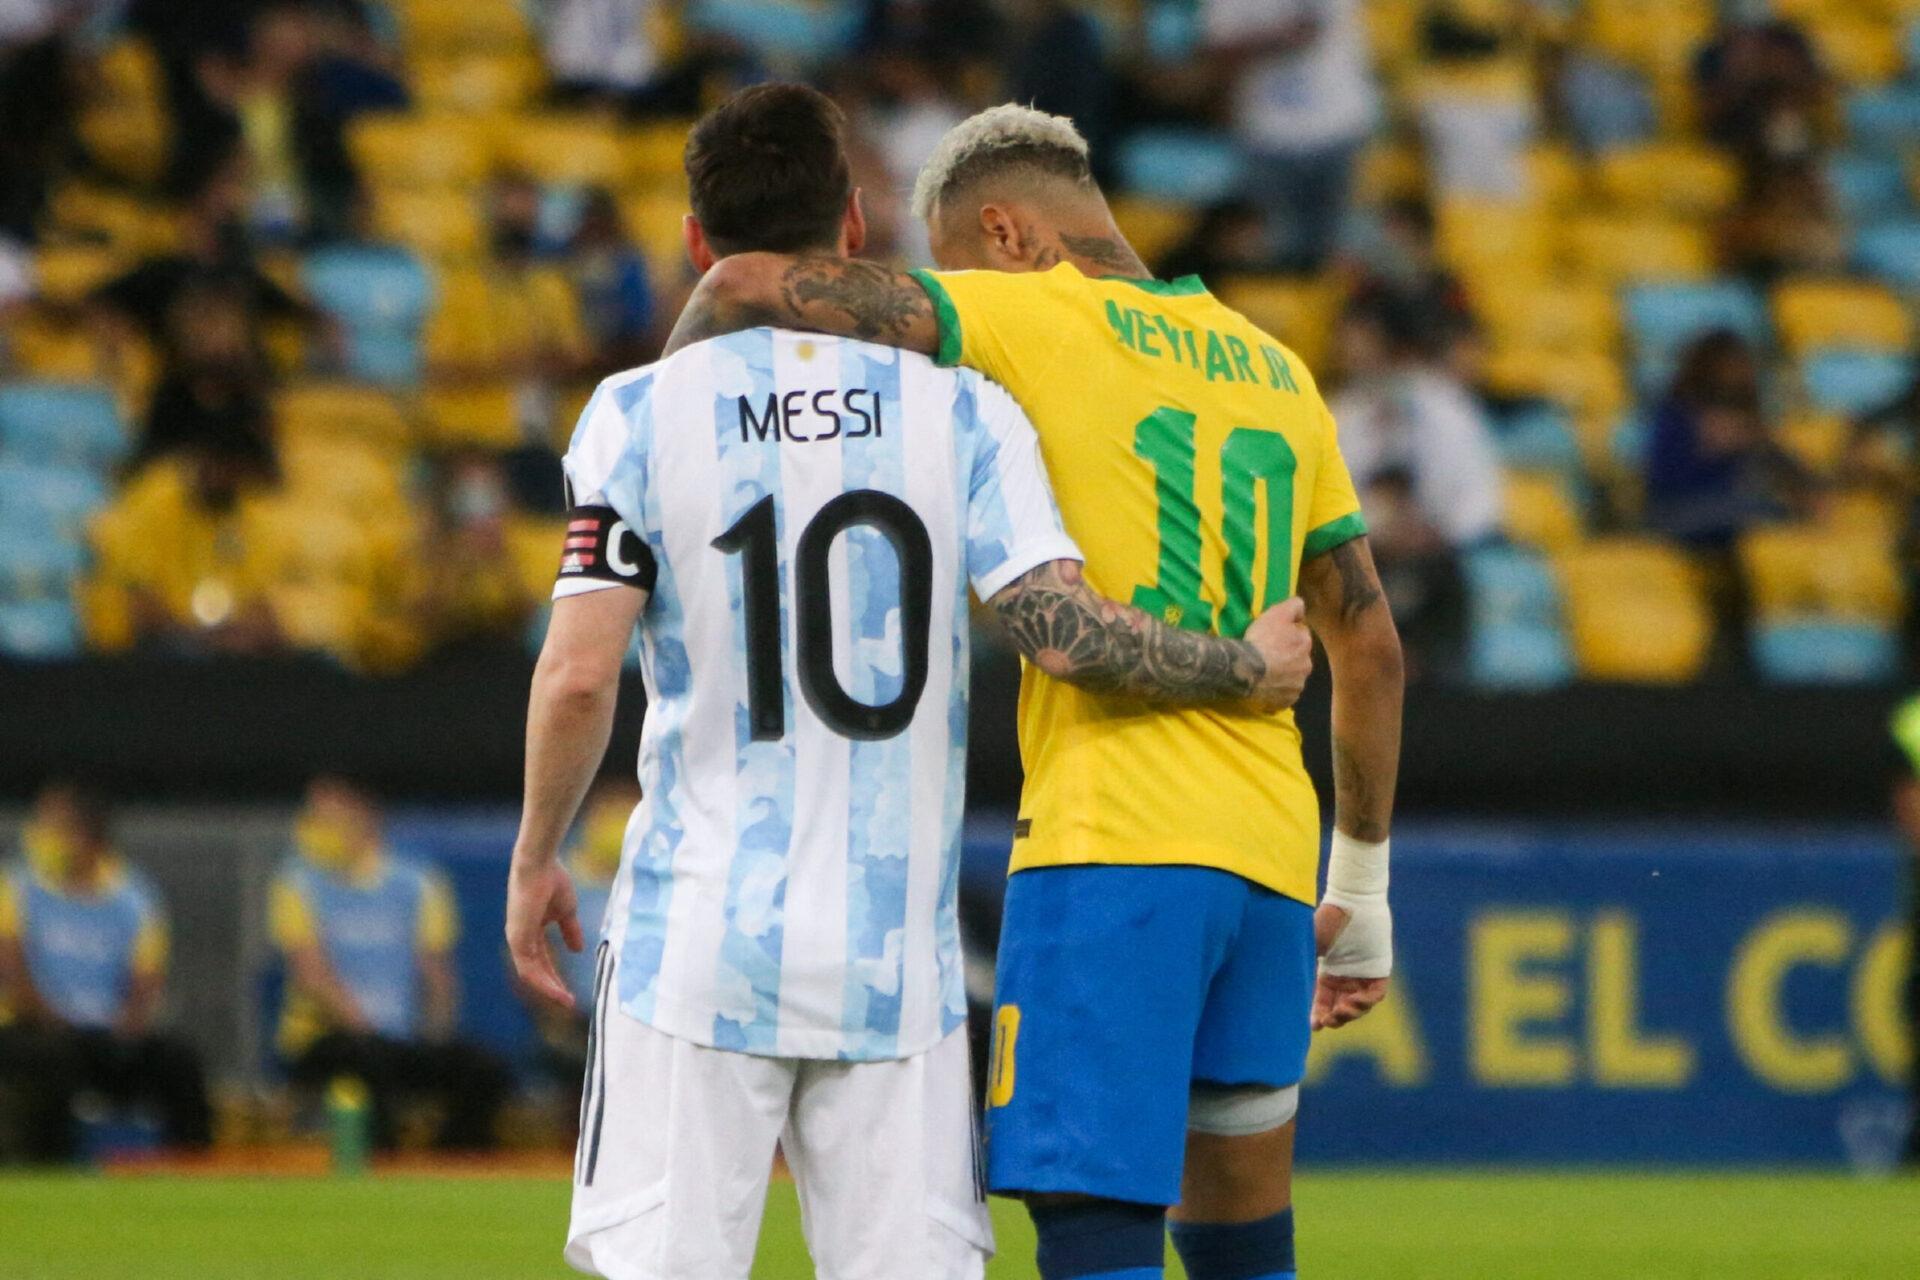 Si Mbappé jouera la Ligue des nations, Messi et Neymar seront en sélection pour poursuivre les qualifications à la Coupe du monde (iconsport)